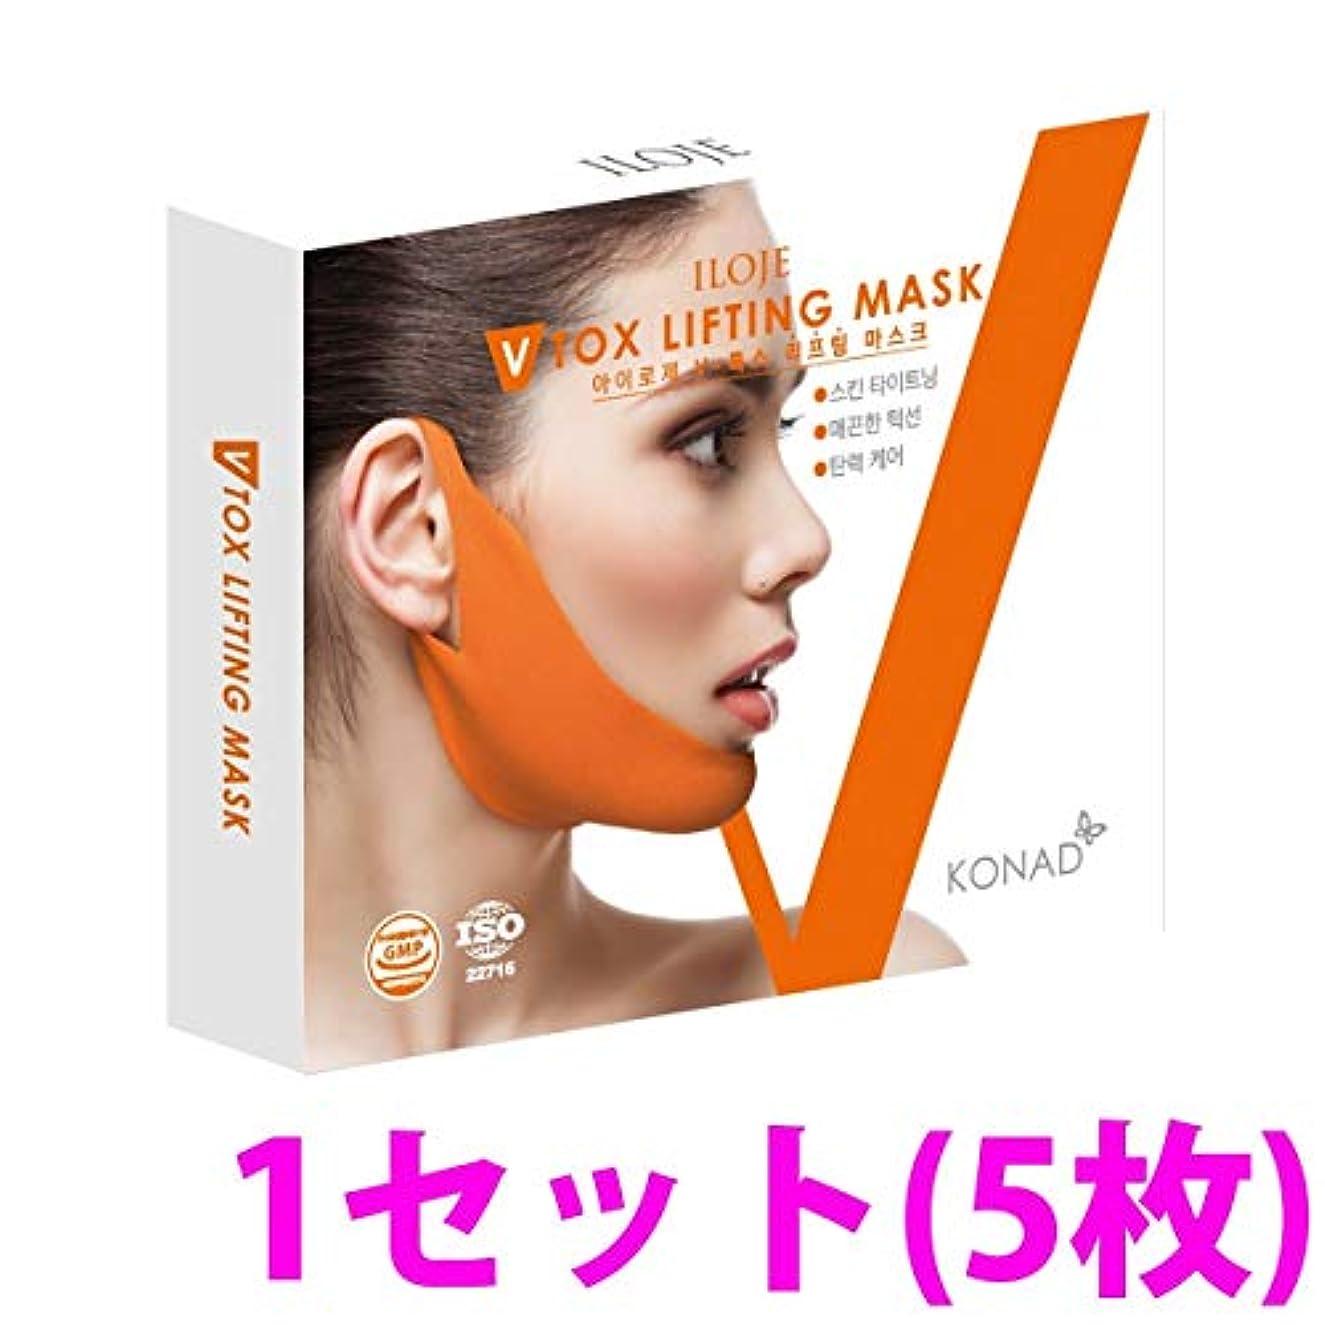 犯罪機械的にシャトル女性の年齢は顎の輪郭で決まる!V-TOXリフティングマスクパック 1セット(5枚)